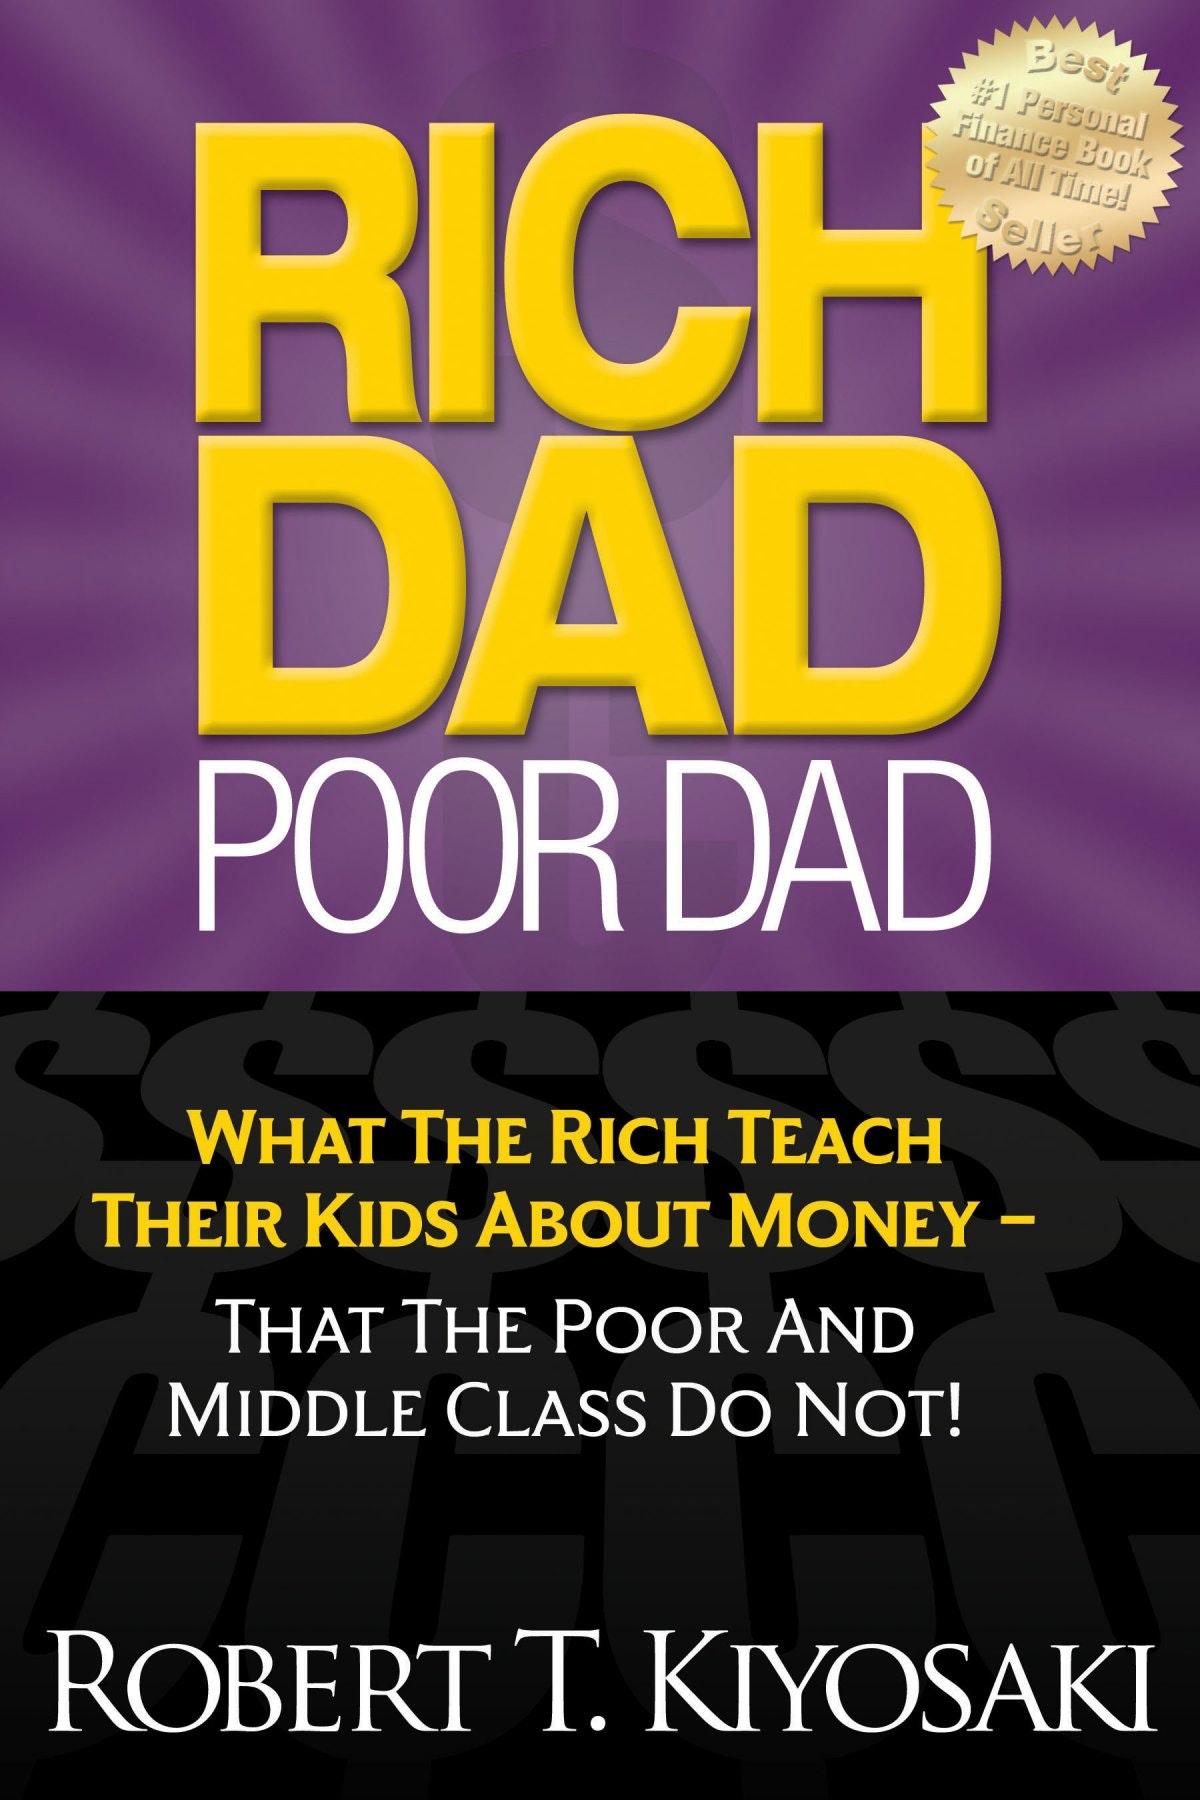 Rich Dad Poor Dad – Robert T. Kiyosaki